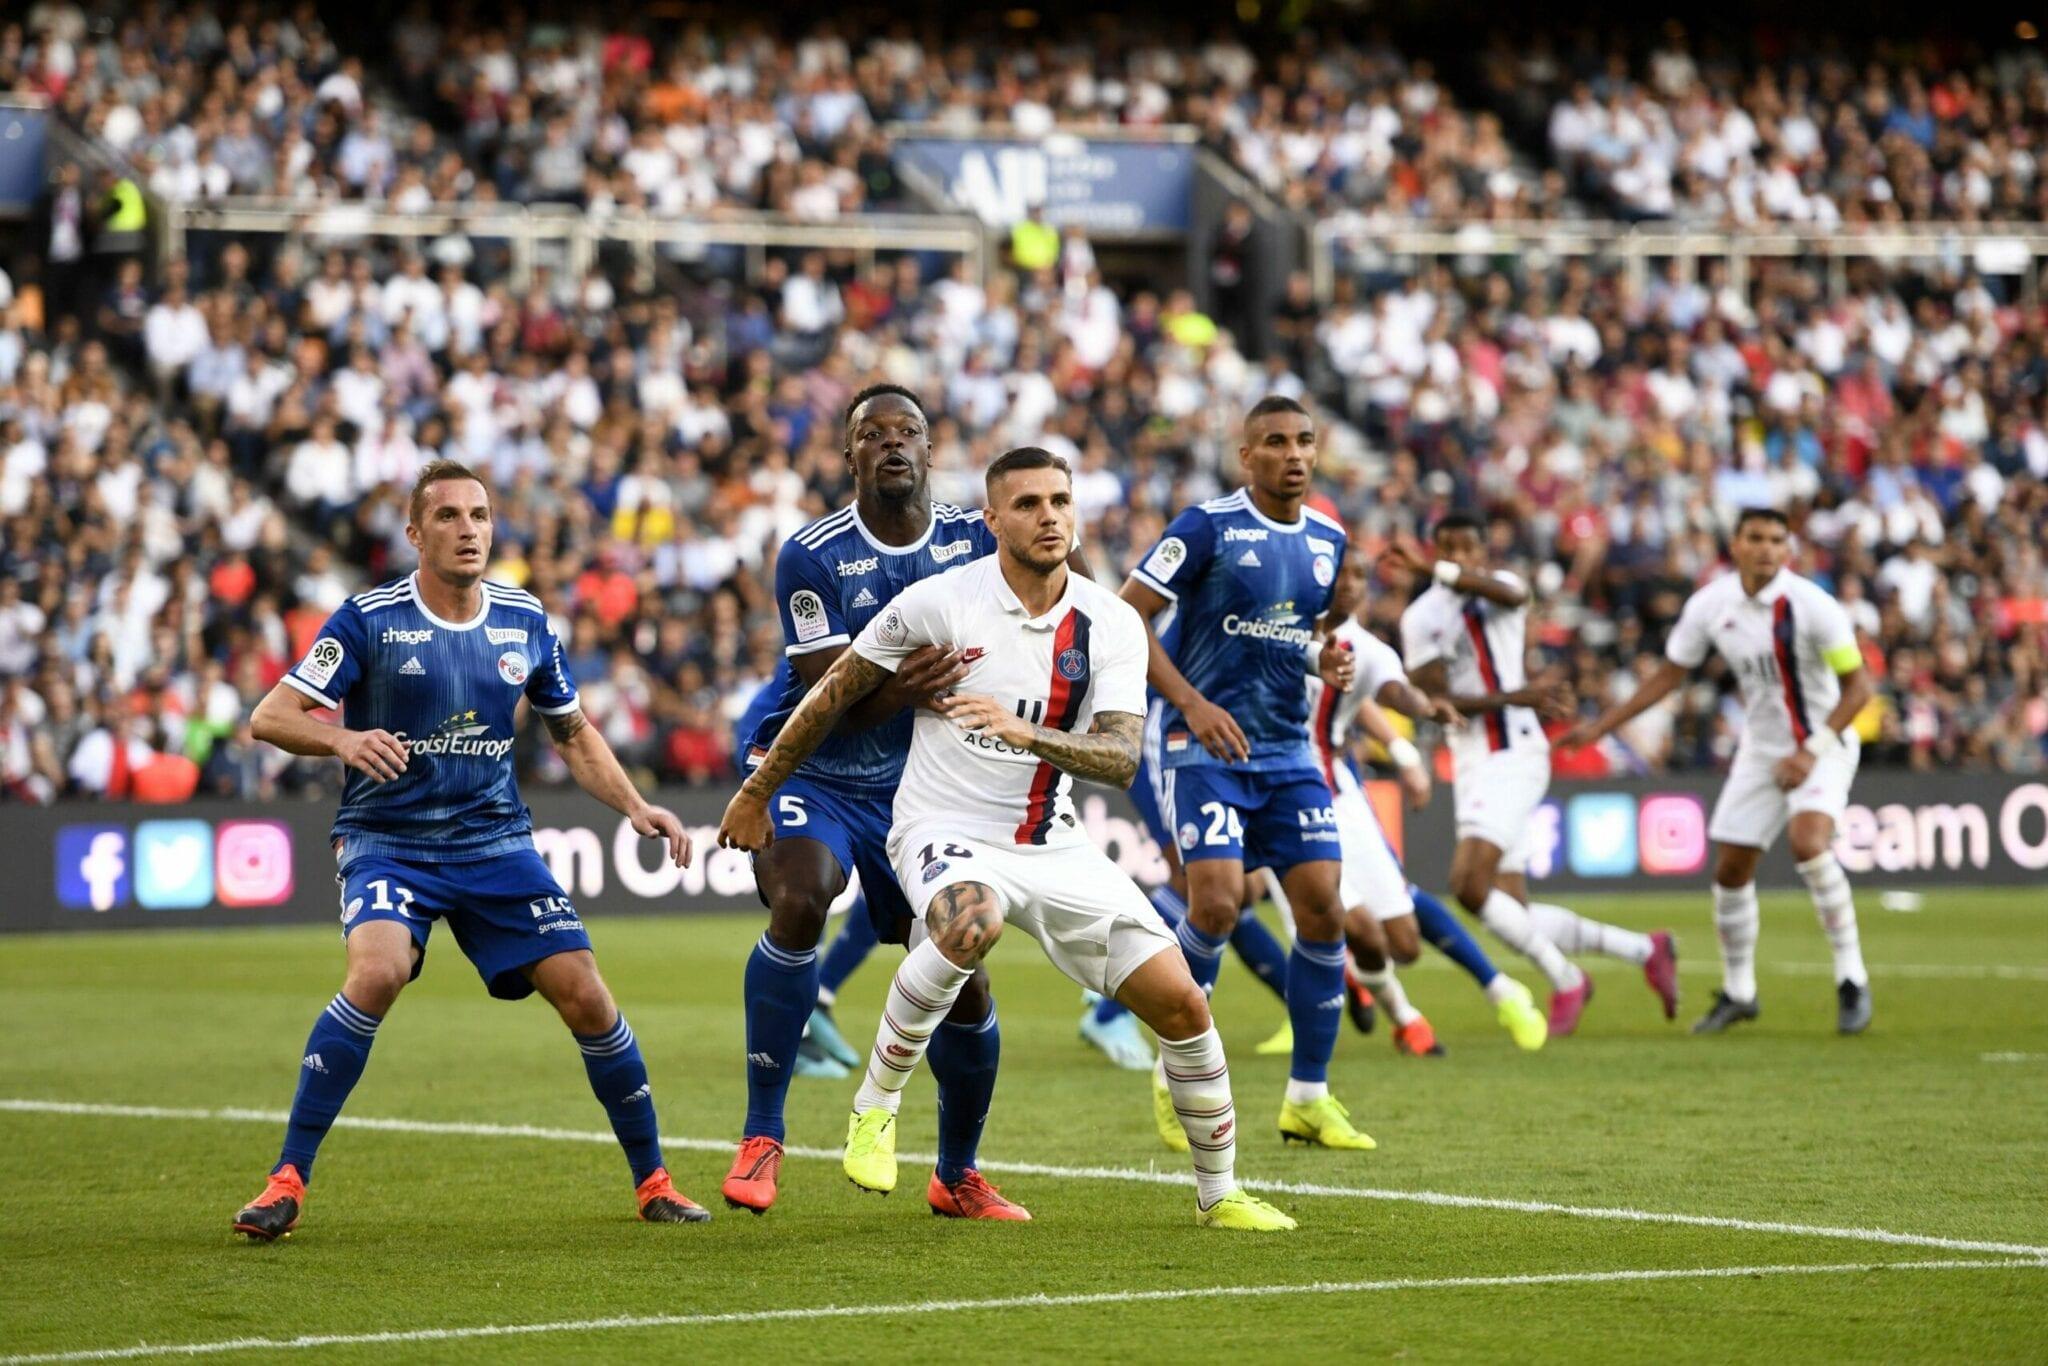 Officiel: Le match Strasbourg-PSG est reporté à cause du coronavirus !